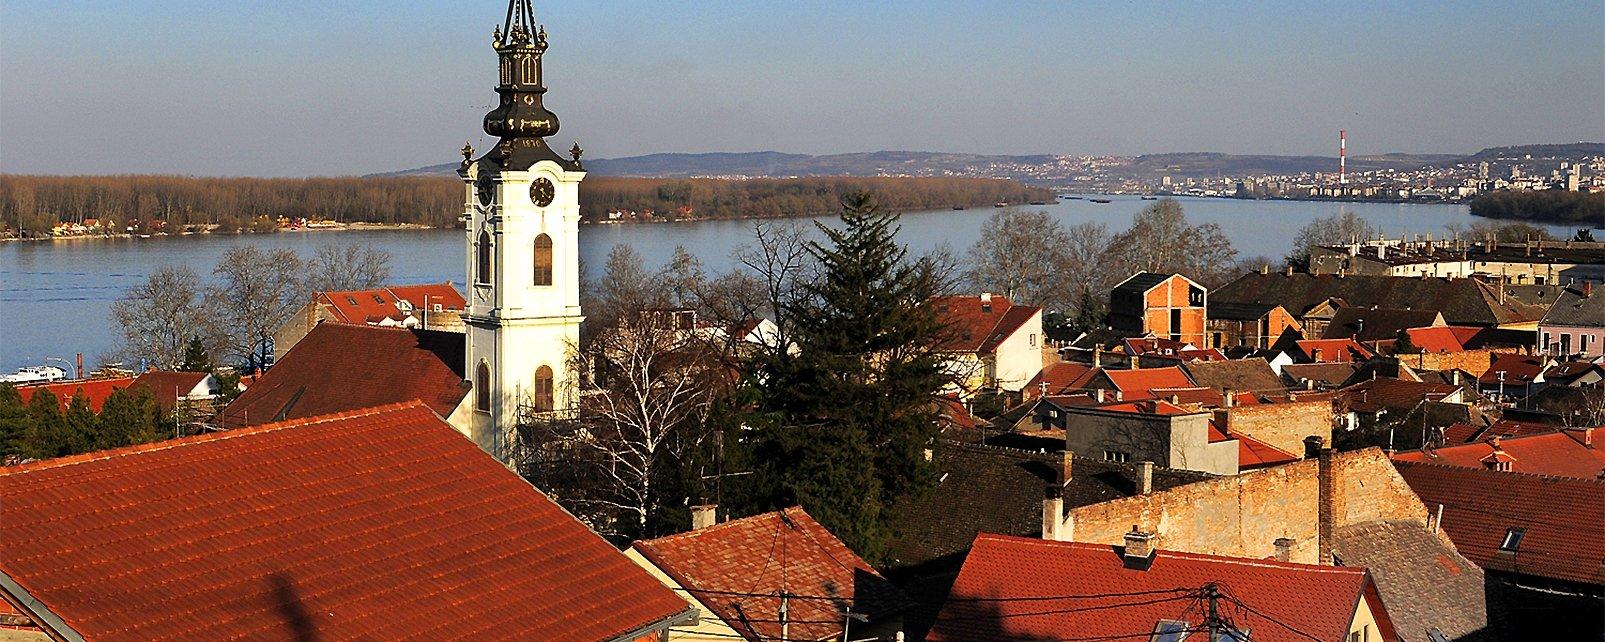 Zemun, Los monumentos y los paseos, Serbia